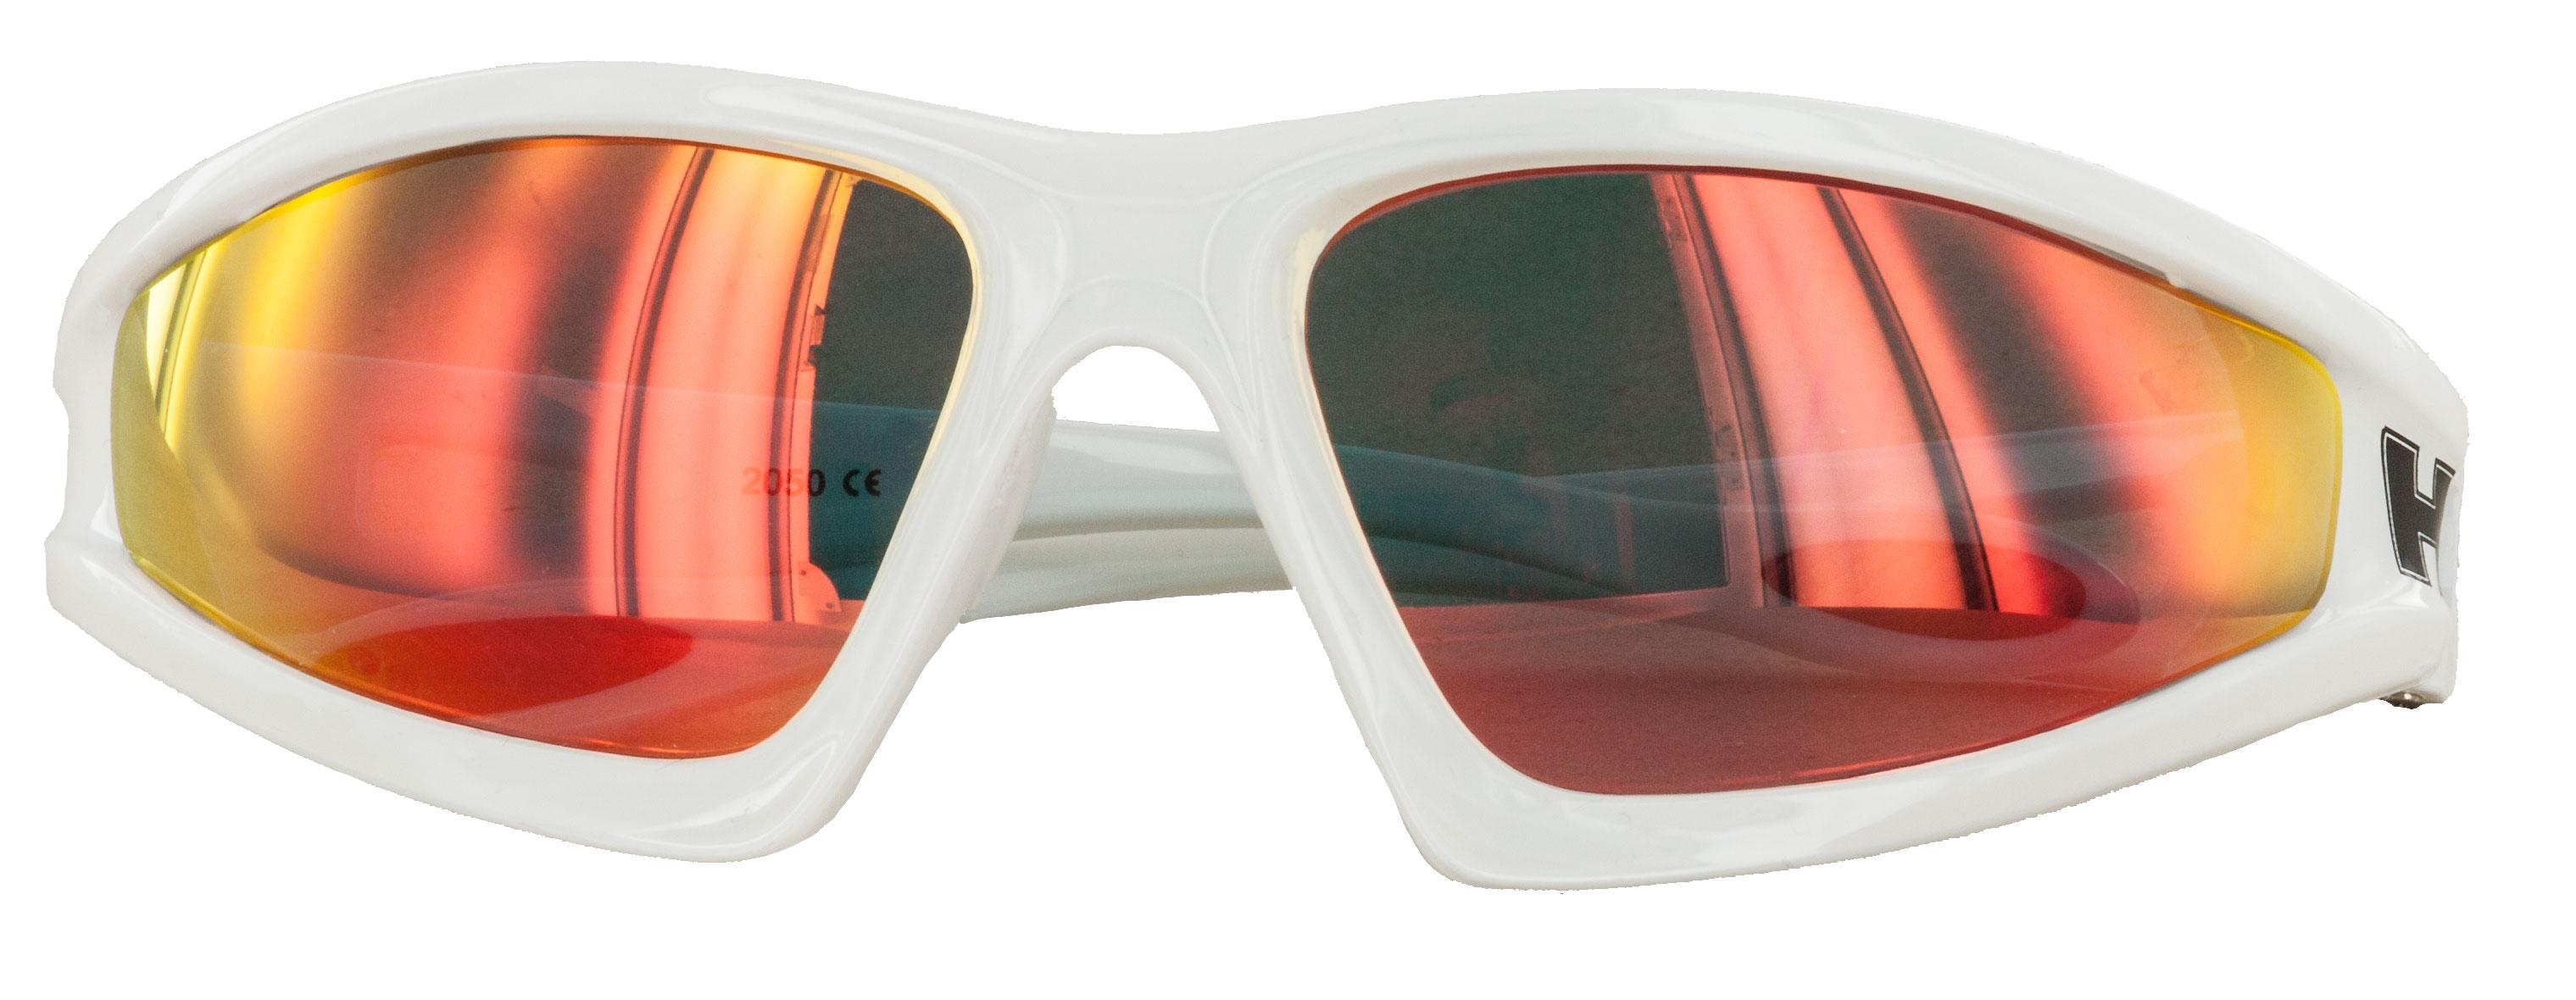 HSE SportEyes FALCON-X 2050w-arv weiß Sport Sonnenbrille Motorradbrille